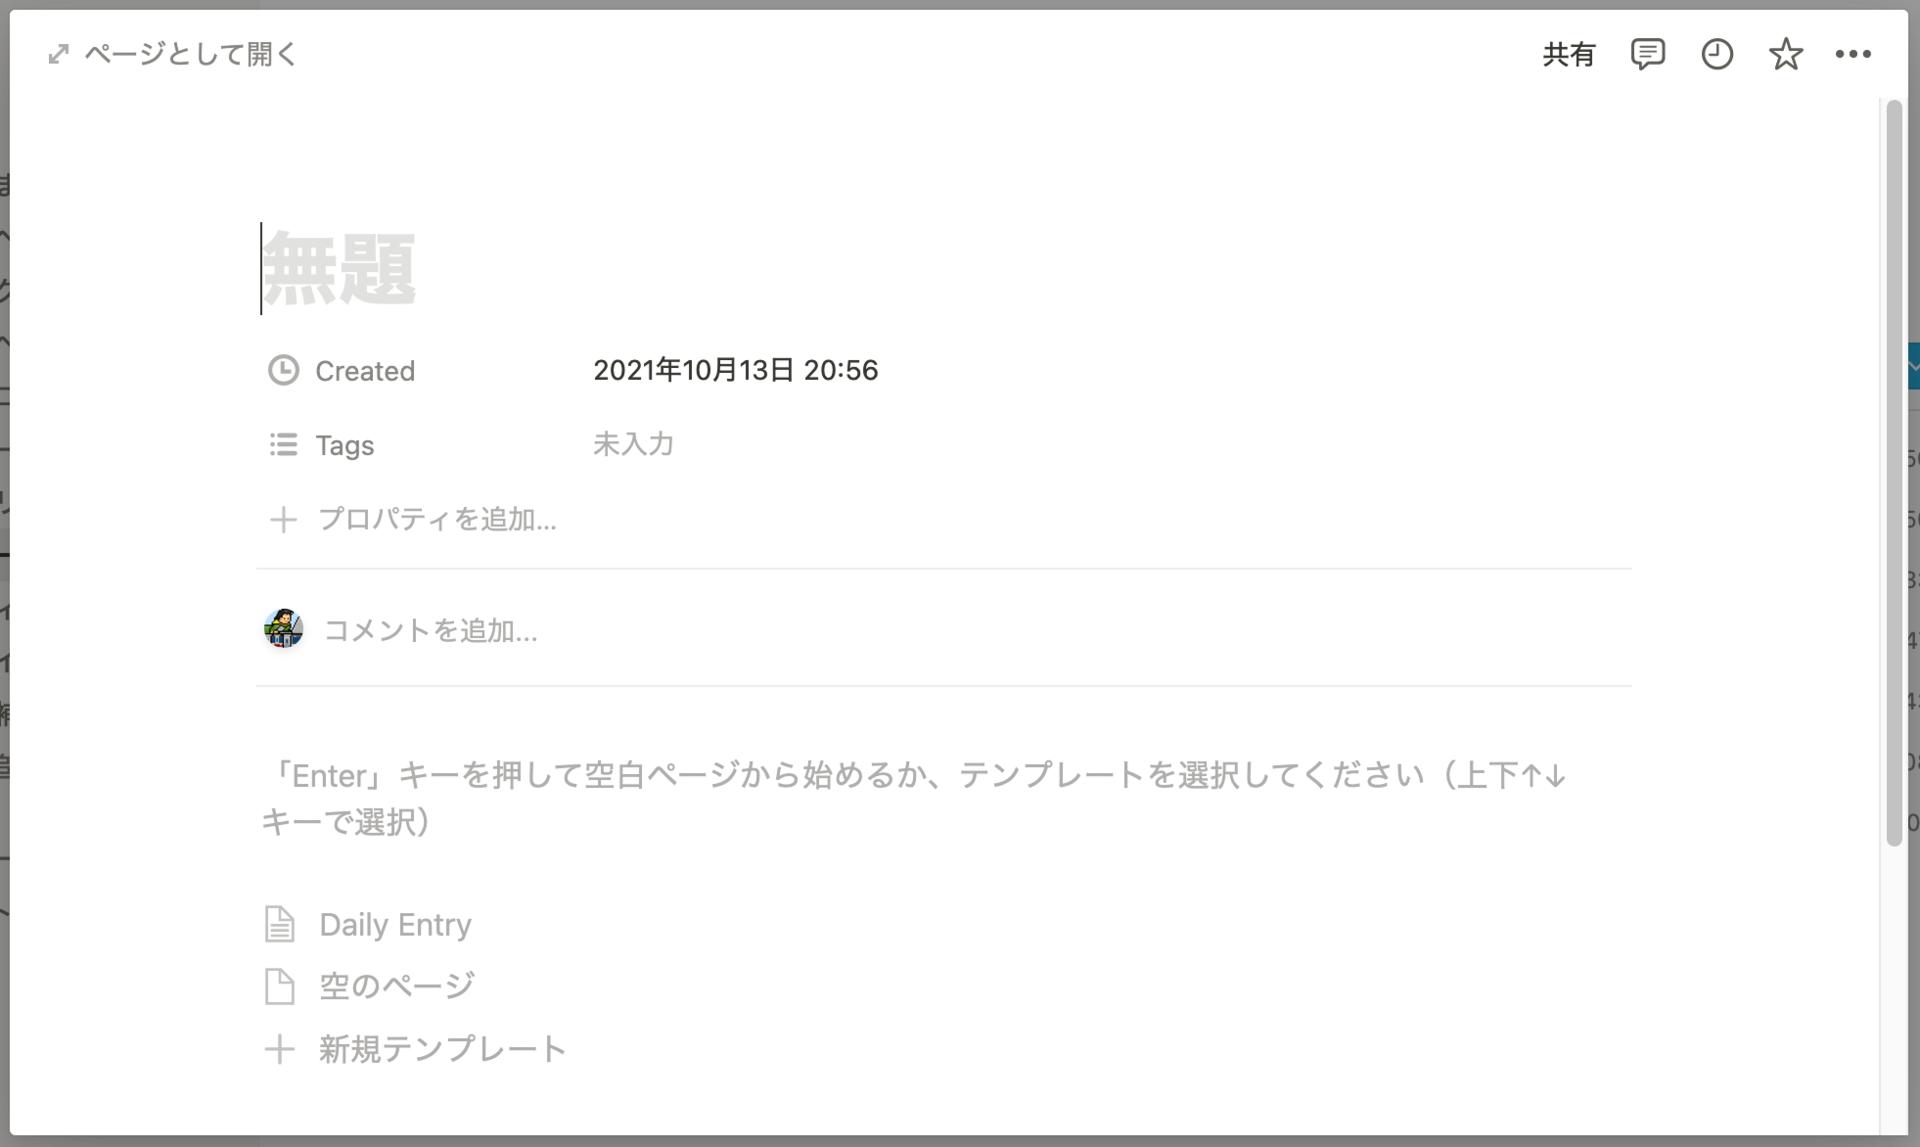 f:id:aokashi:20211013205739p:plain